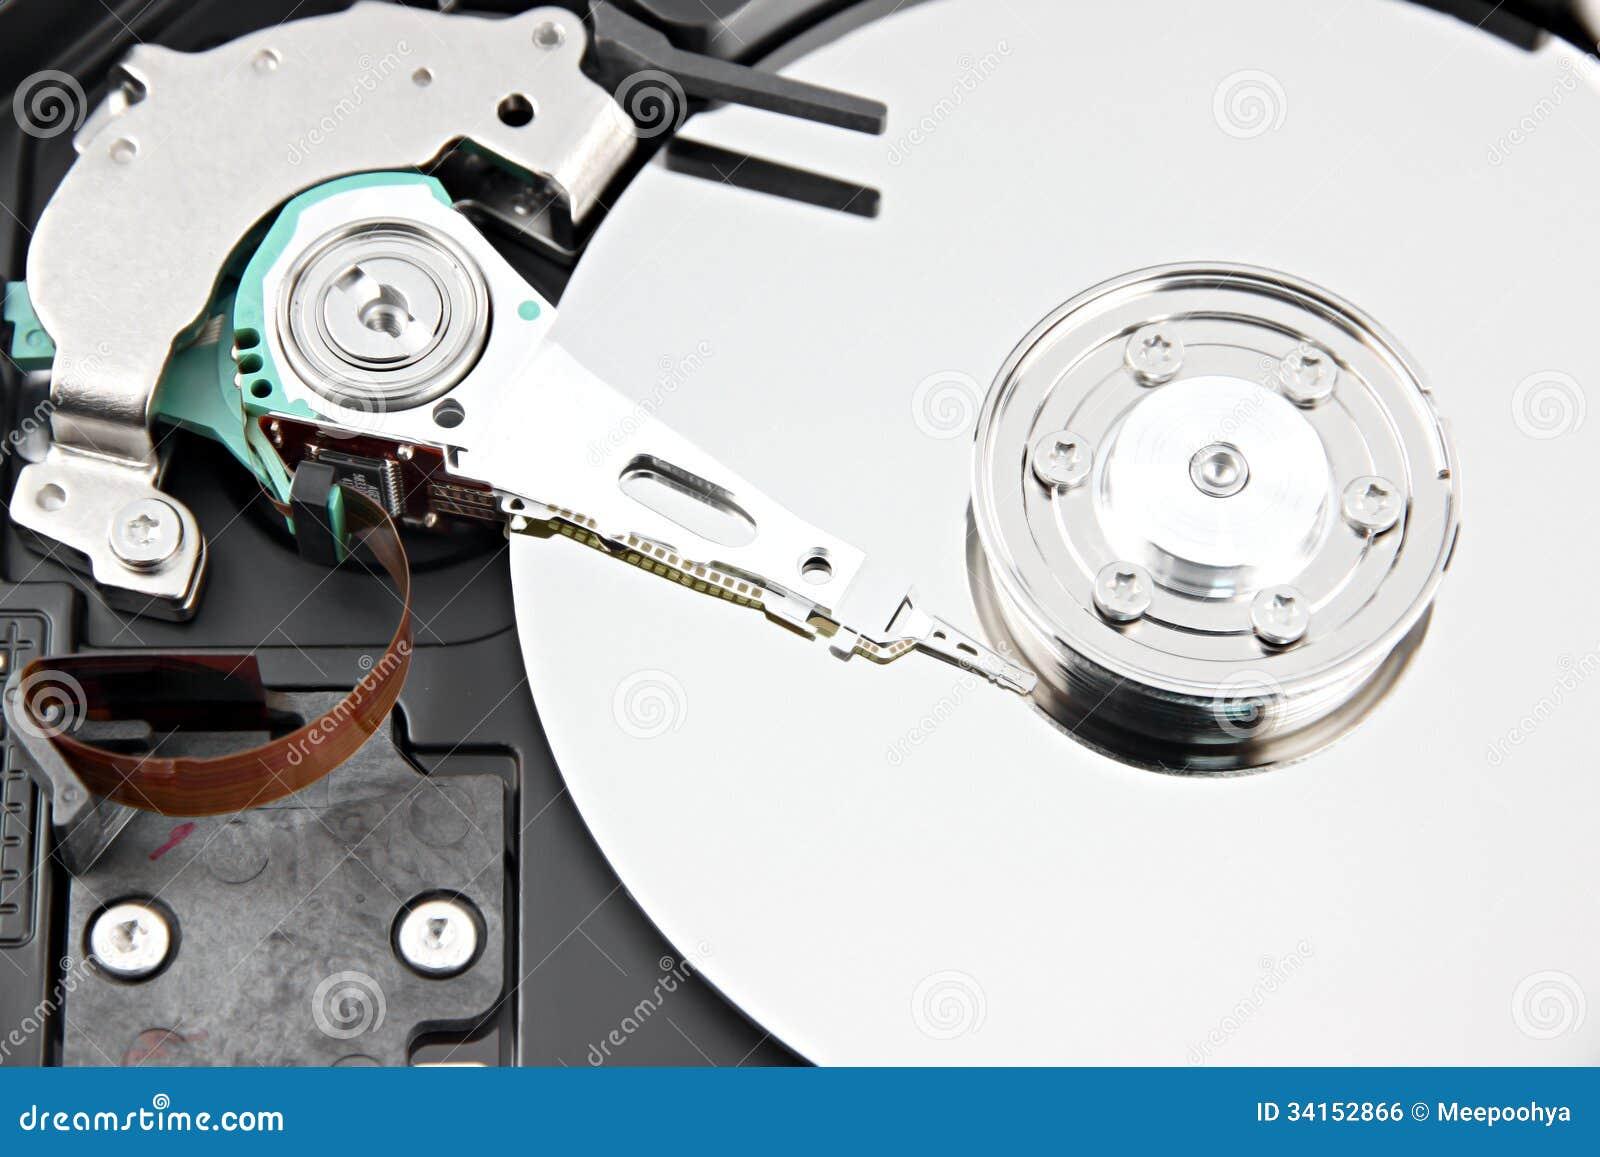 Enfoca el disco duro de la imagen abre la cubierta superior apagado.